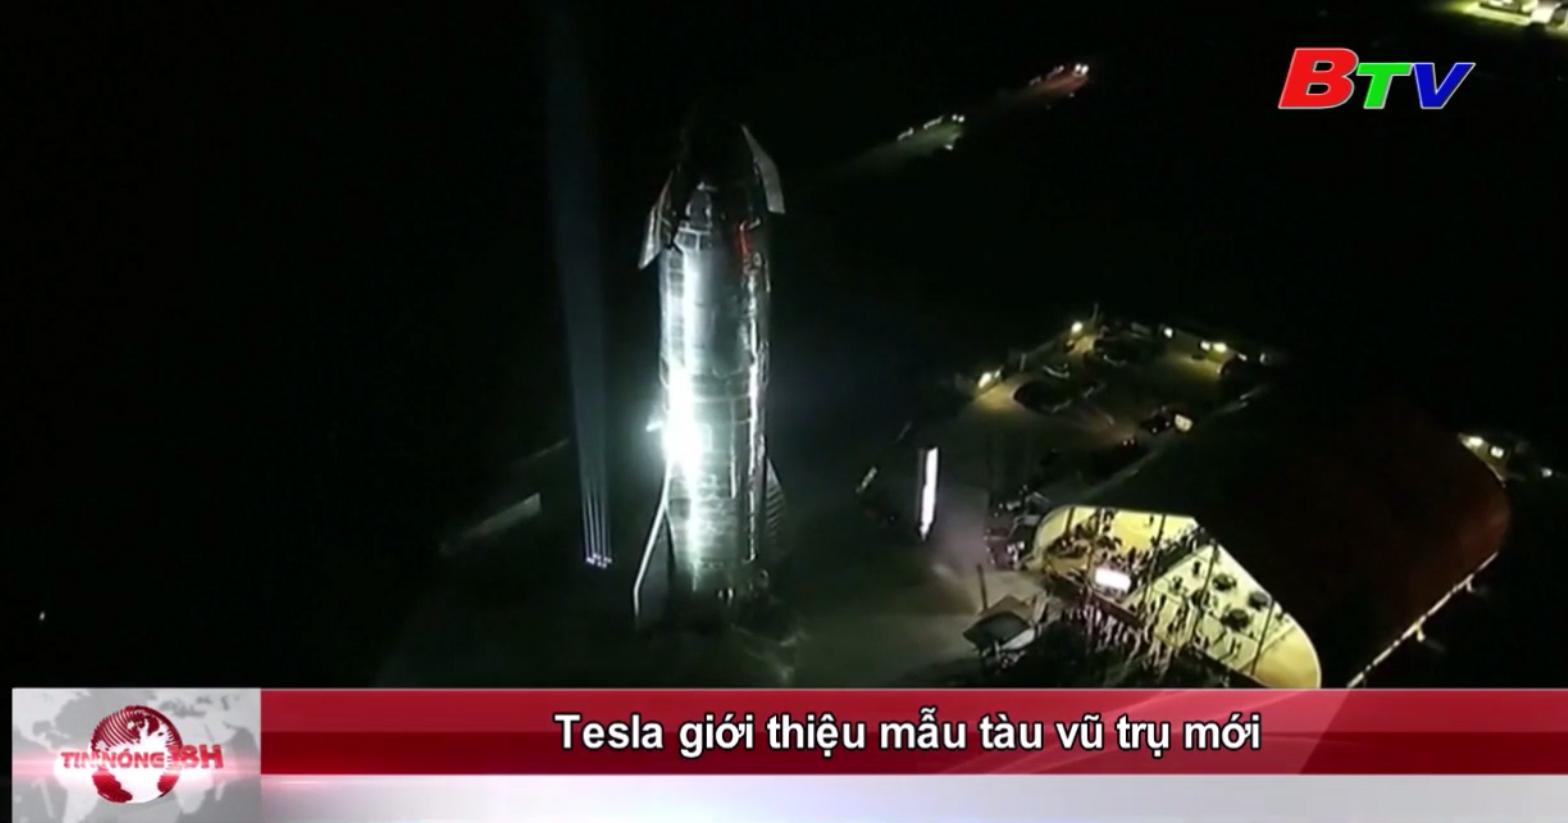 Tesla giới thiệu mẫu tàu vũ trụ mới